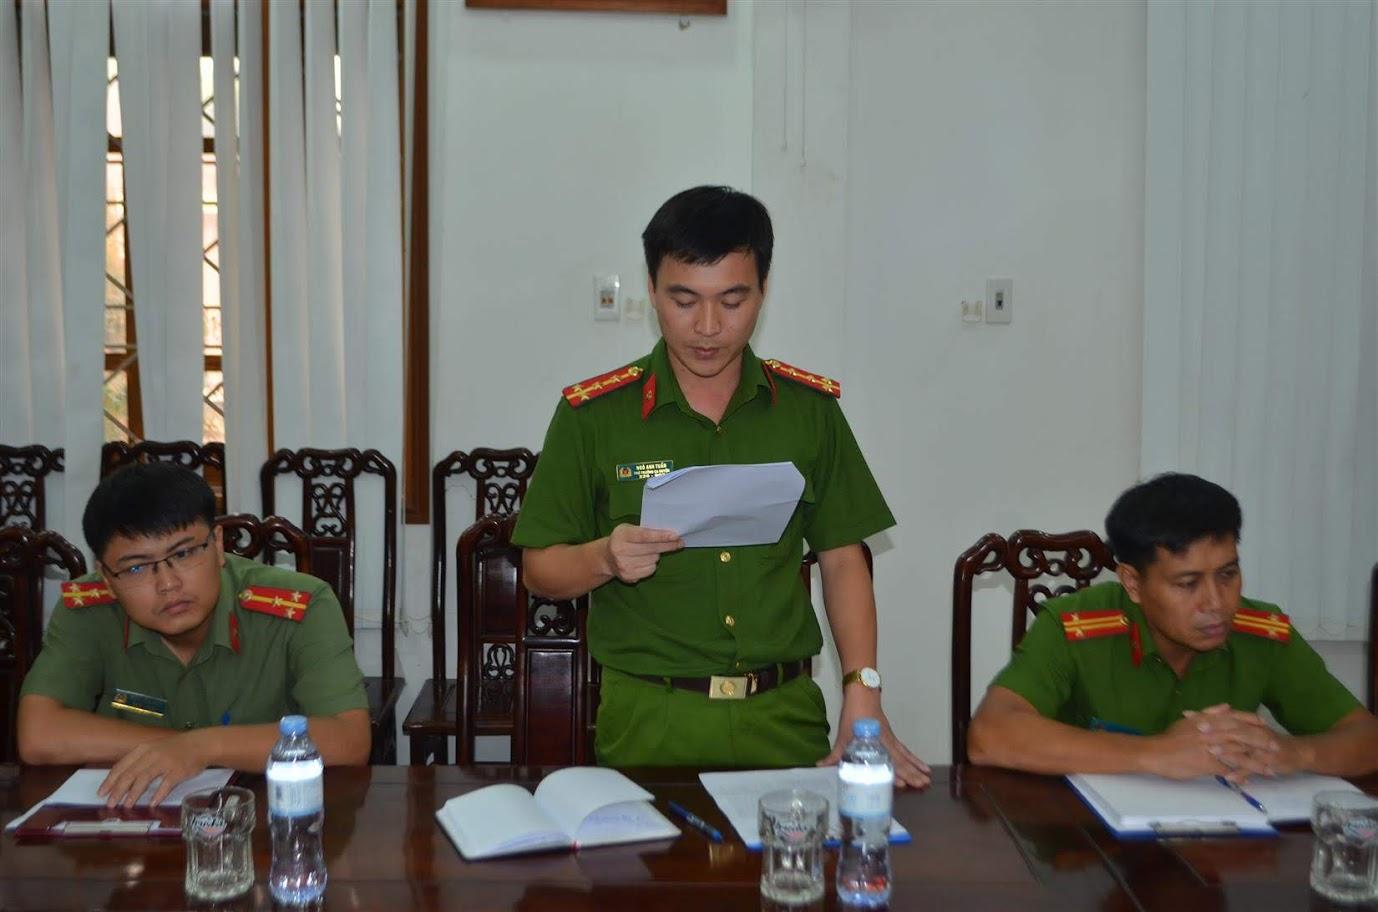 Đại úy Ngô Anh Tuấn, Phó trưởng CA huyện Nghĩa Đàn báo cáo thành tích các chuyên án mà đơn vị vừa khám phá thành công